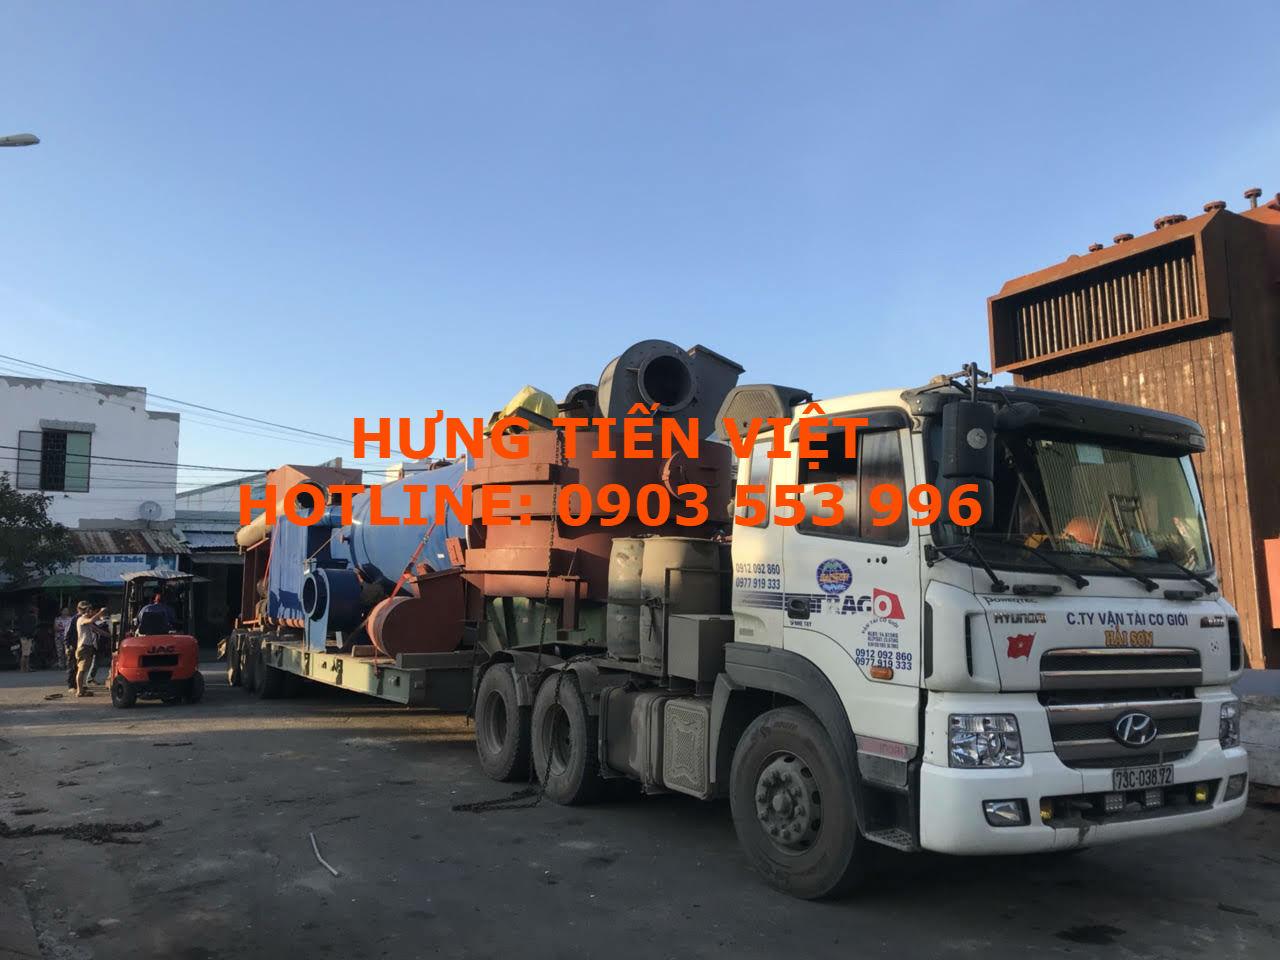 Dự án nồi hơi tầng sôi 5 tấn huyện Thọ Xuân, Thanh Hóa